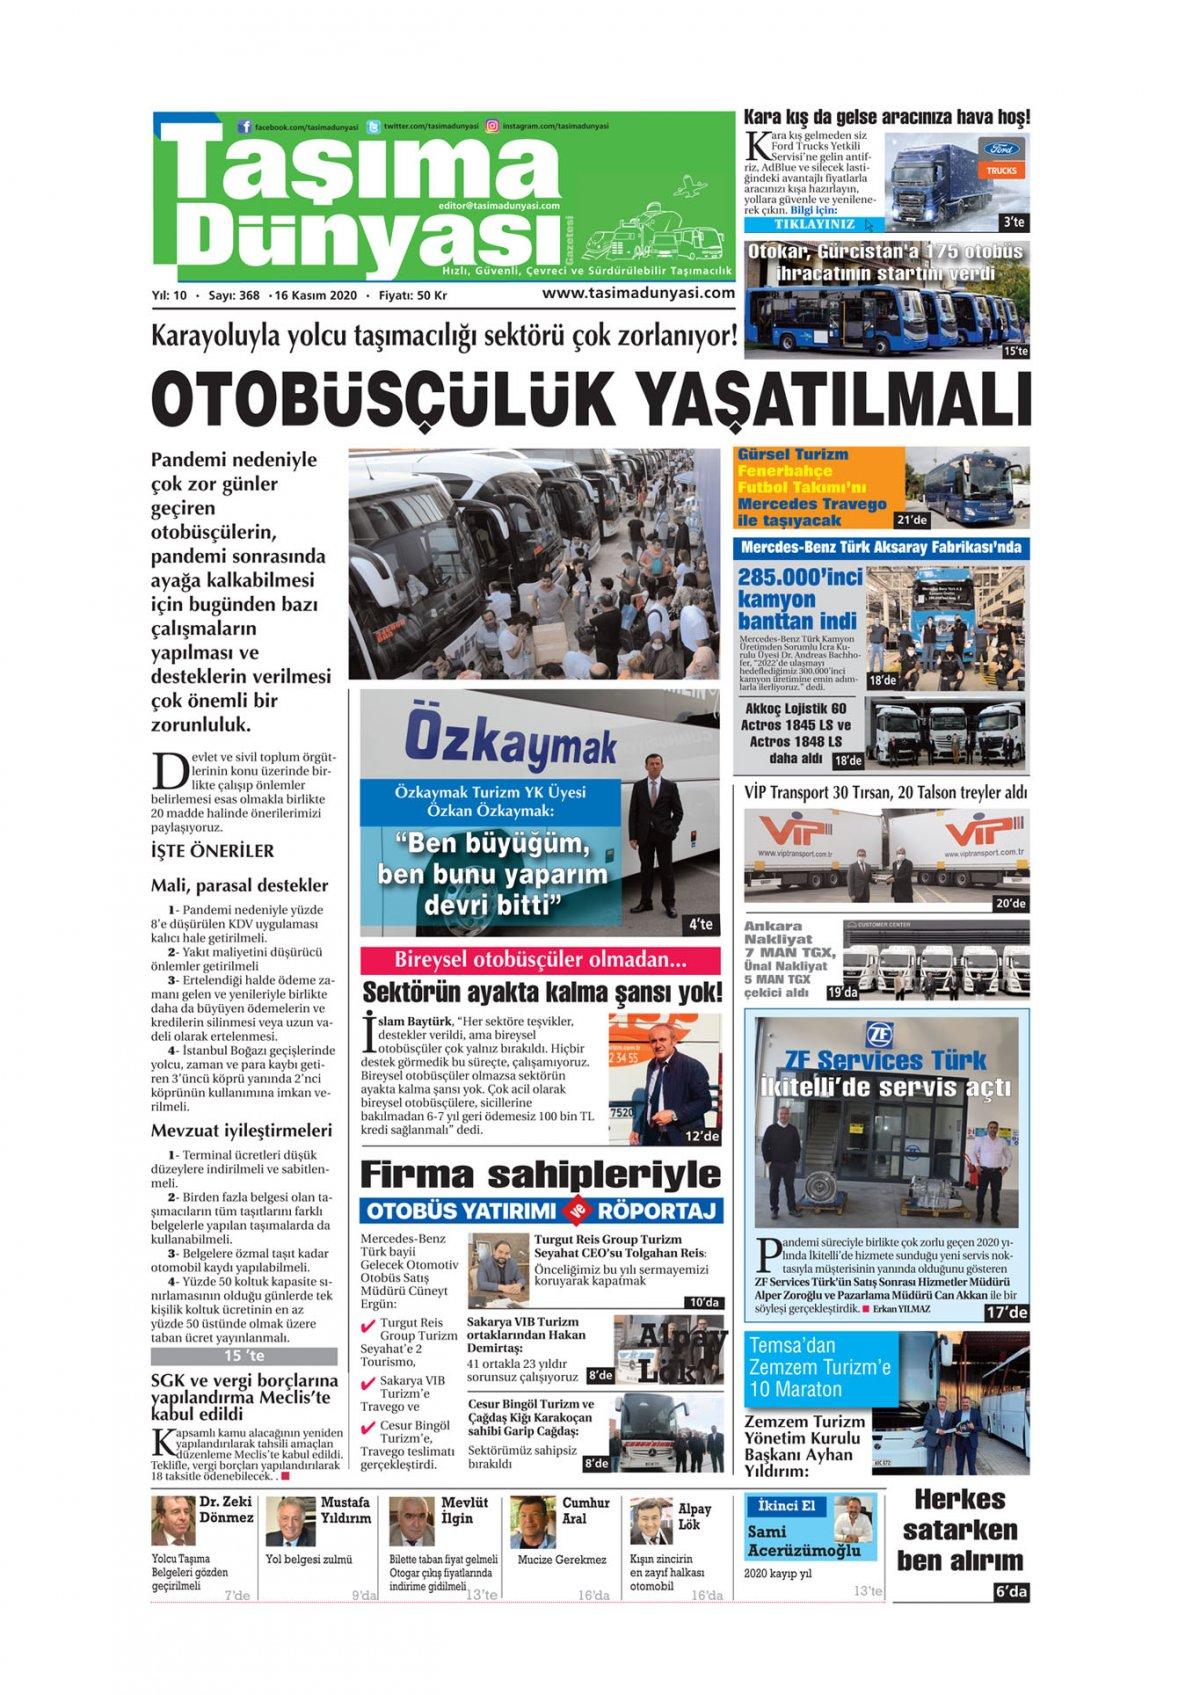 Taşıma Dünyası Gazetesi - 13.11.2020 Manşeti